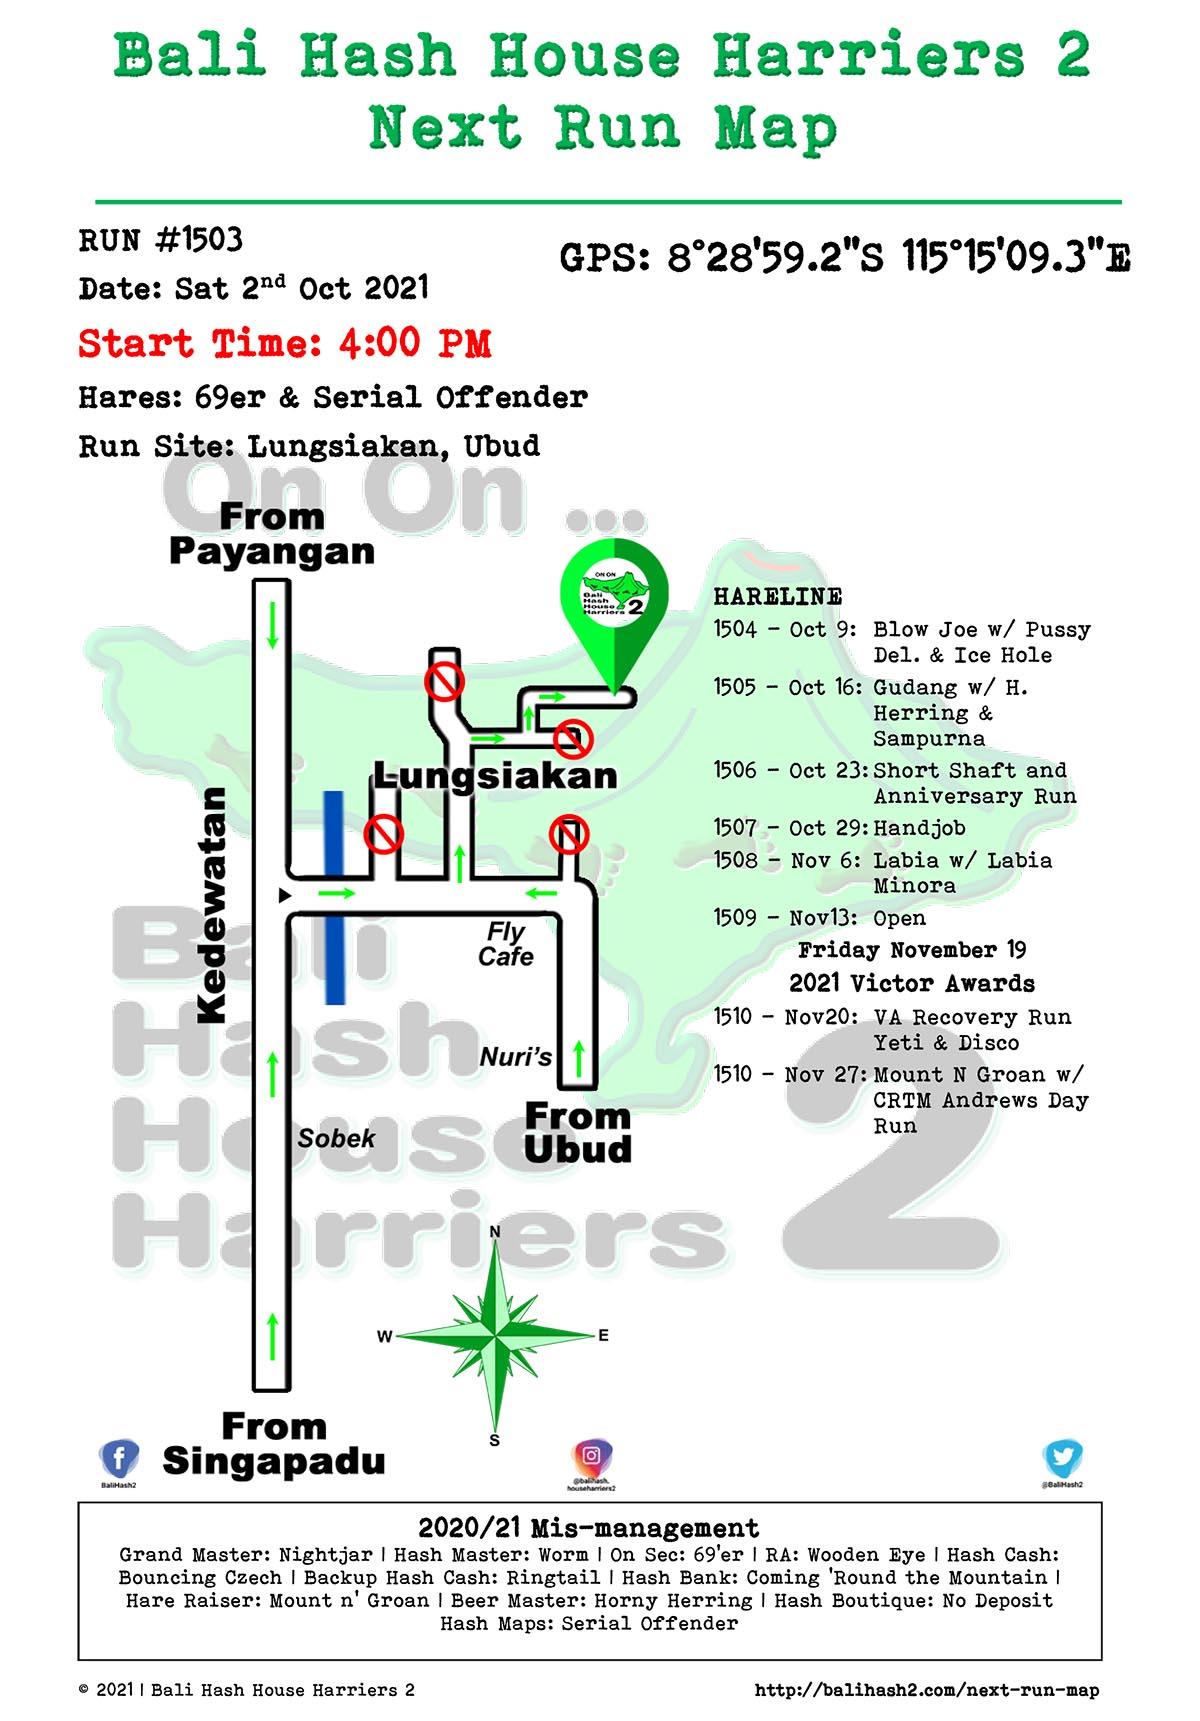 Bali Hash 2 Next Run Map #1503 Lungsiakan Ubud 2-Oct